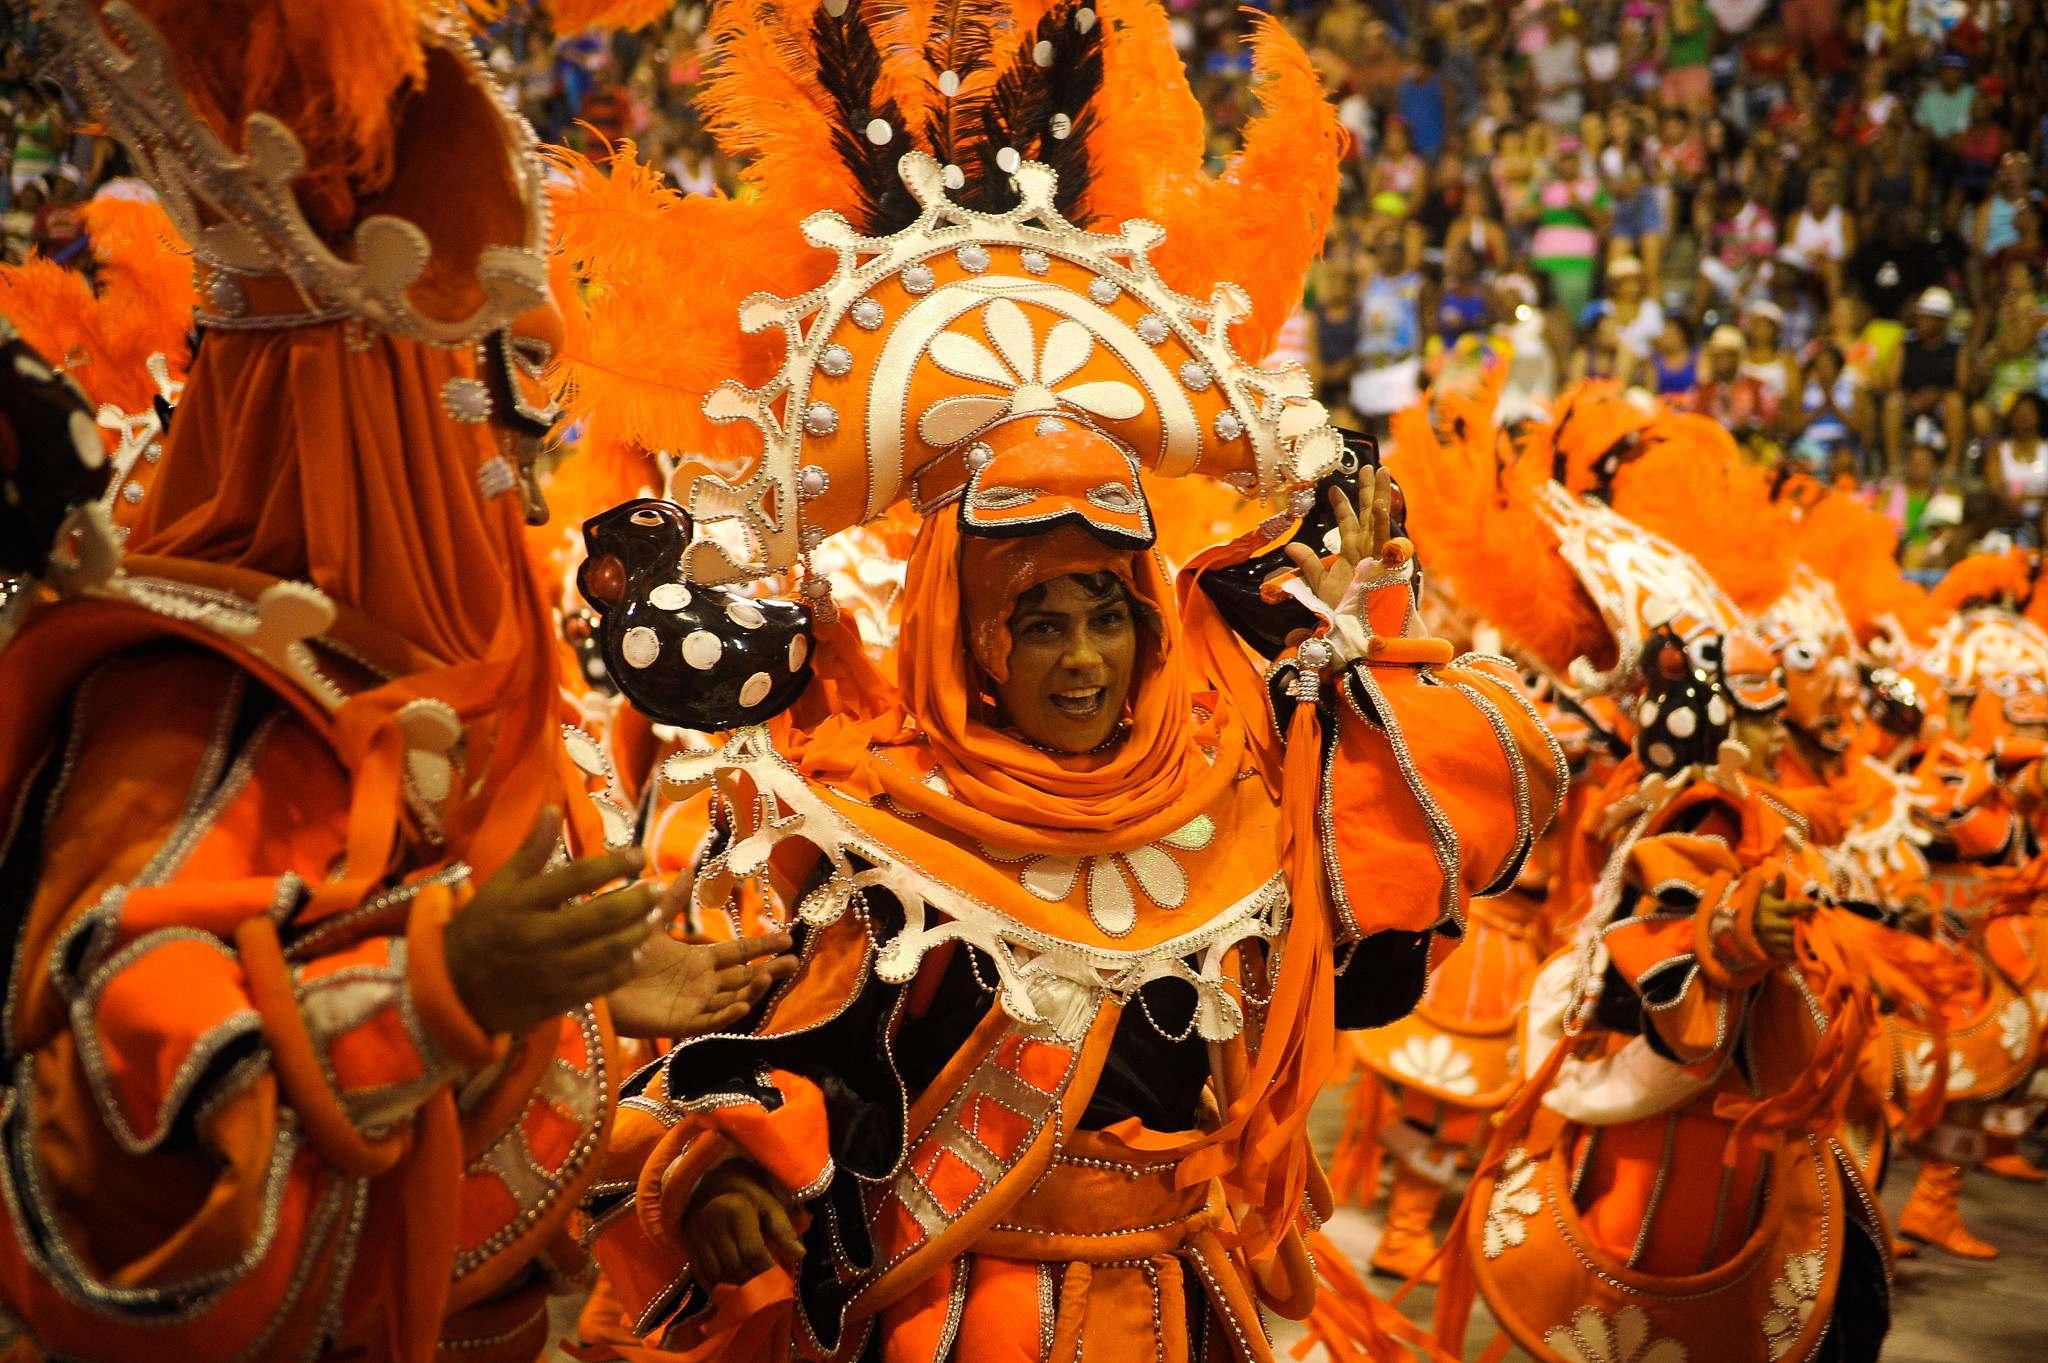 rio de janeiro 20163 Vila Isabel at Carnival in Rio de Janeiro